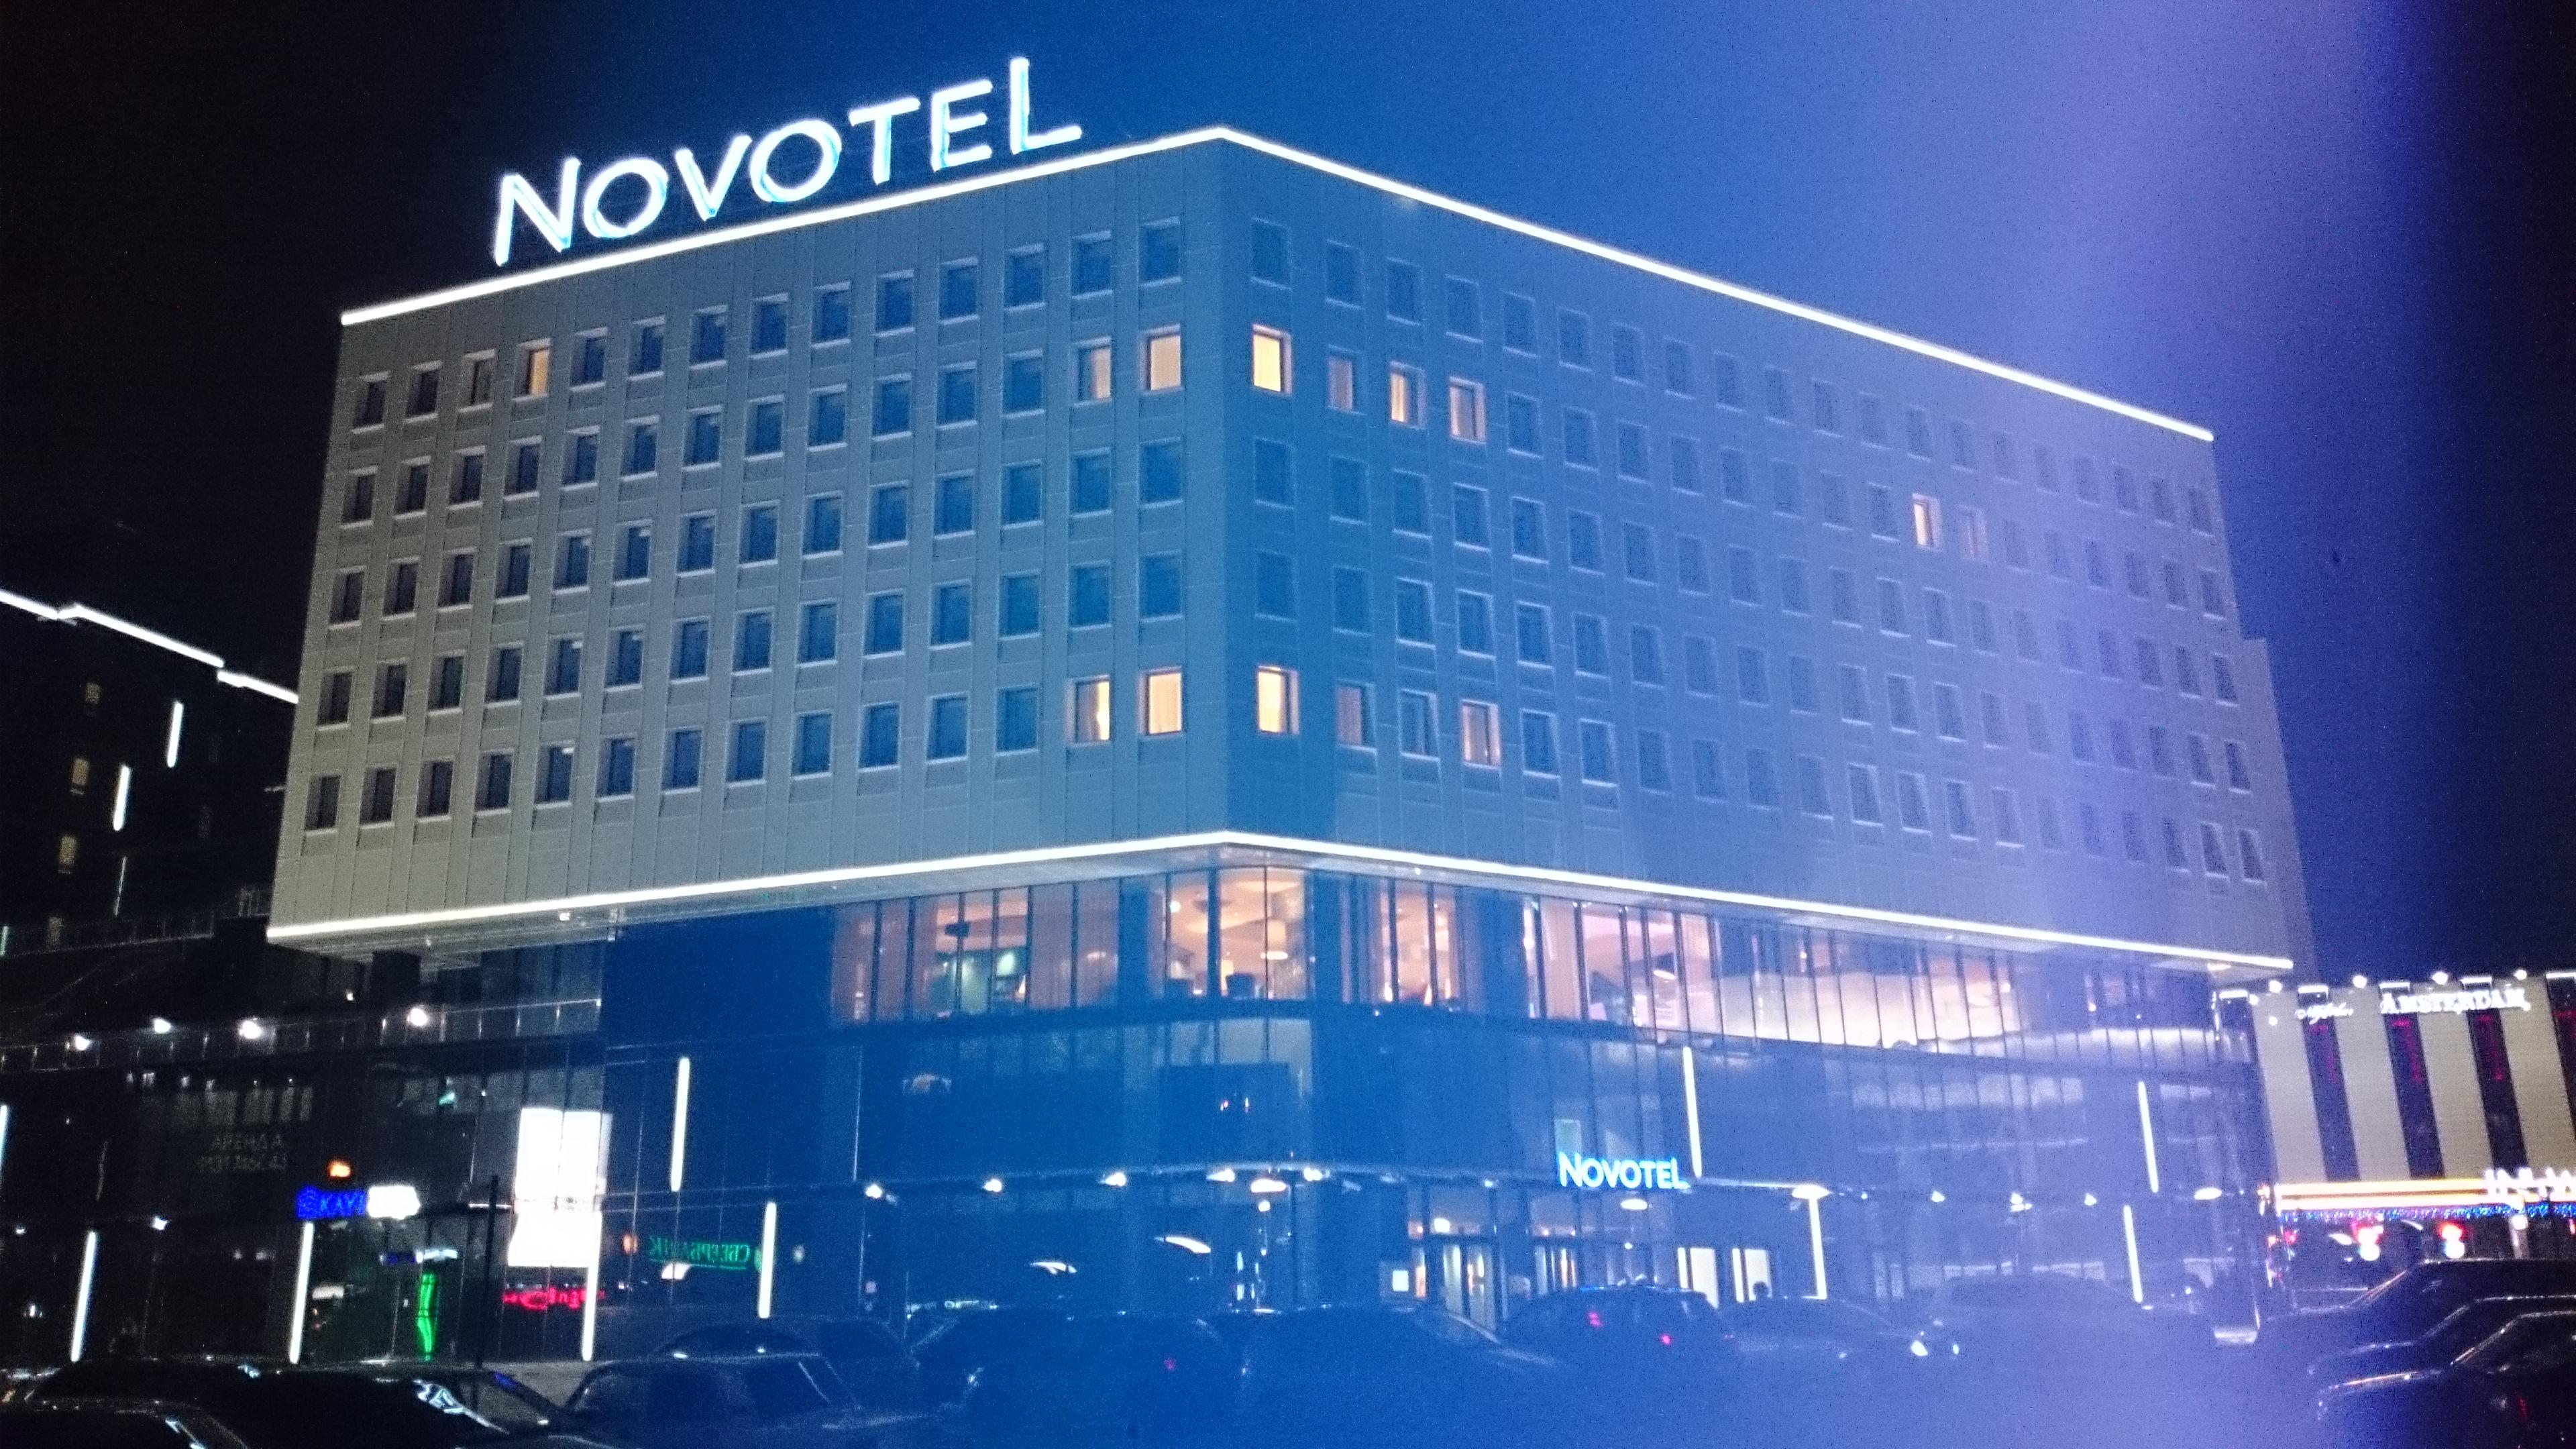 Красноярск Отель Novotel.7.02.2016г